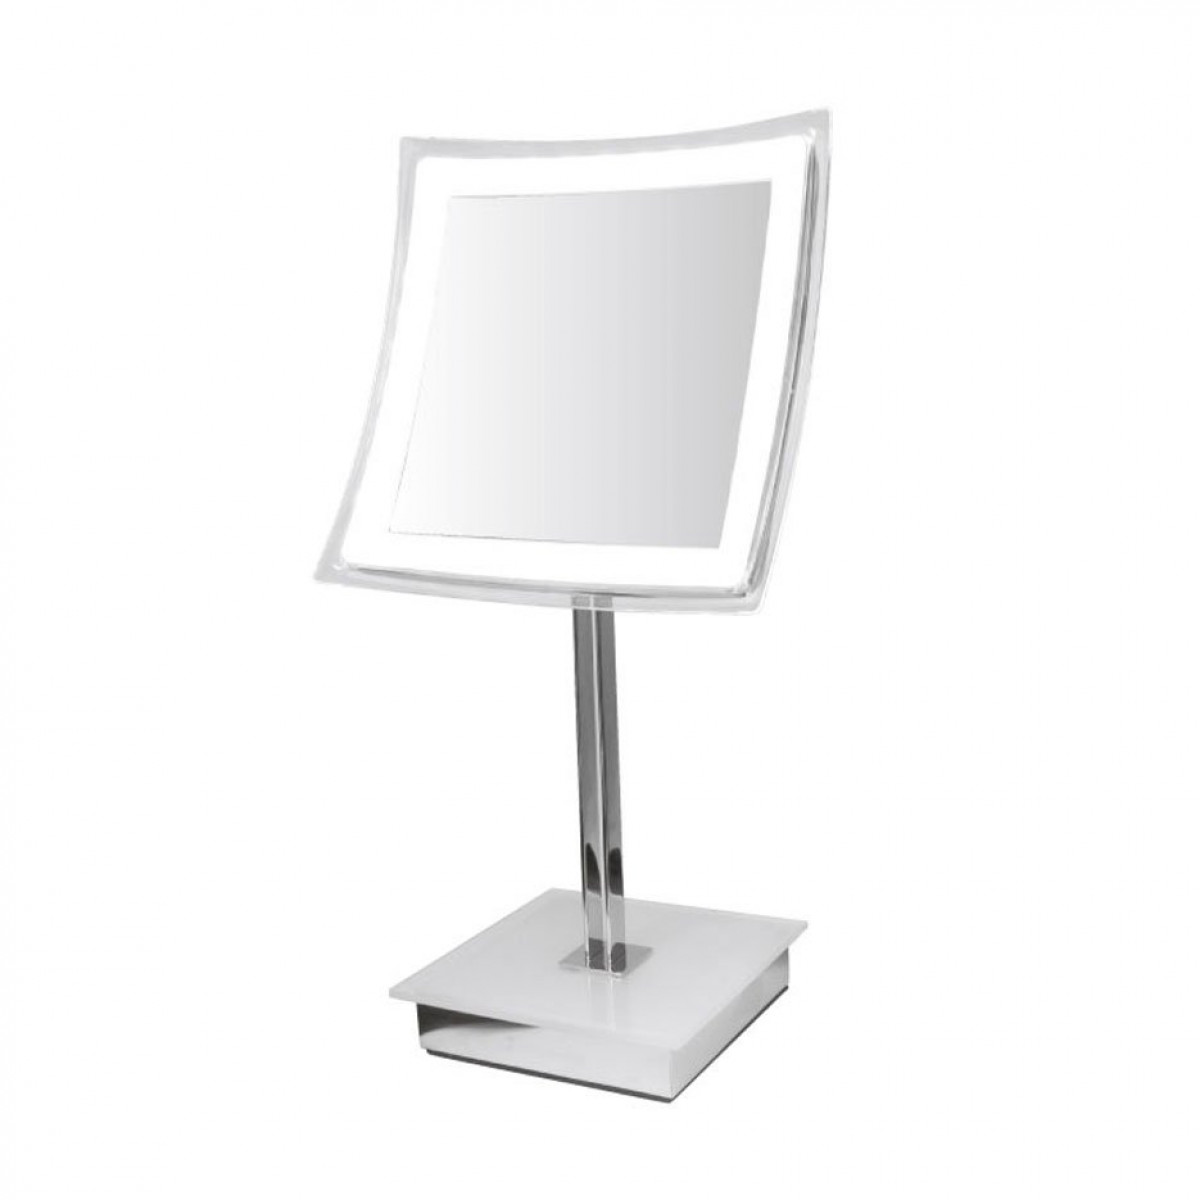 Croydex Homewares Freestanding LED Vanity Mirror